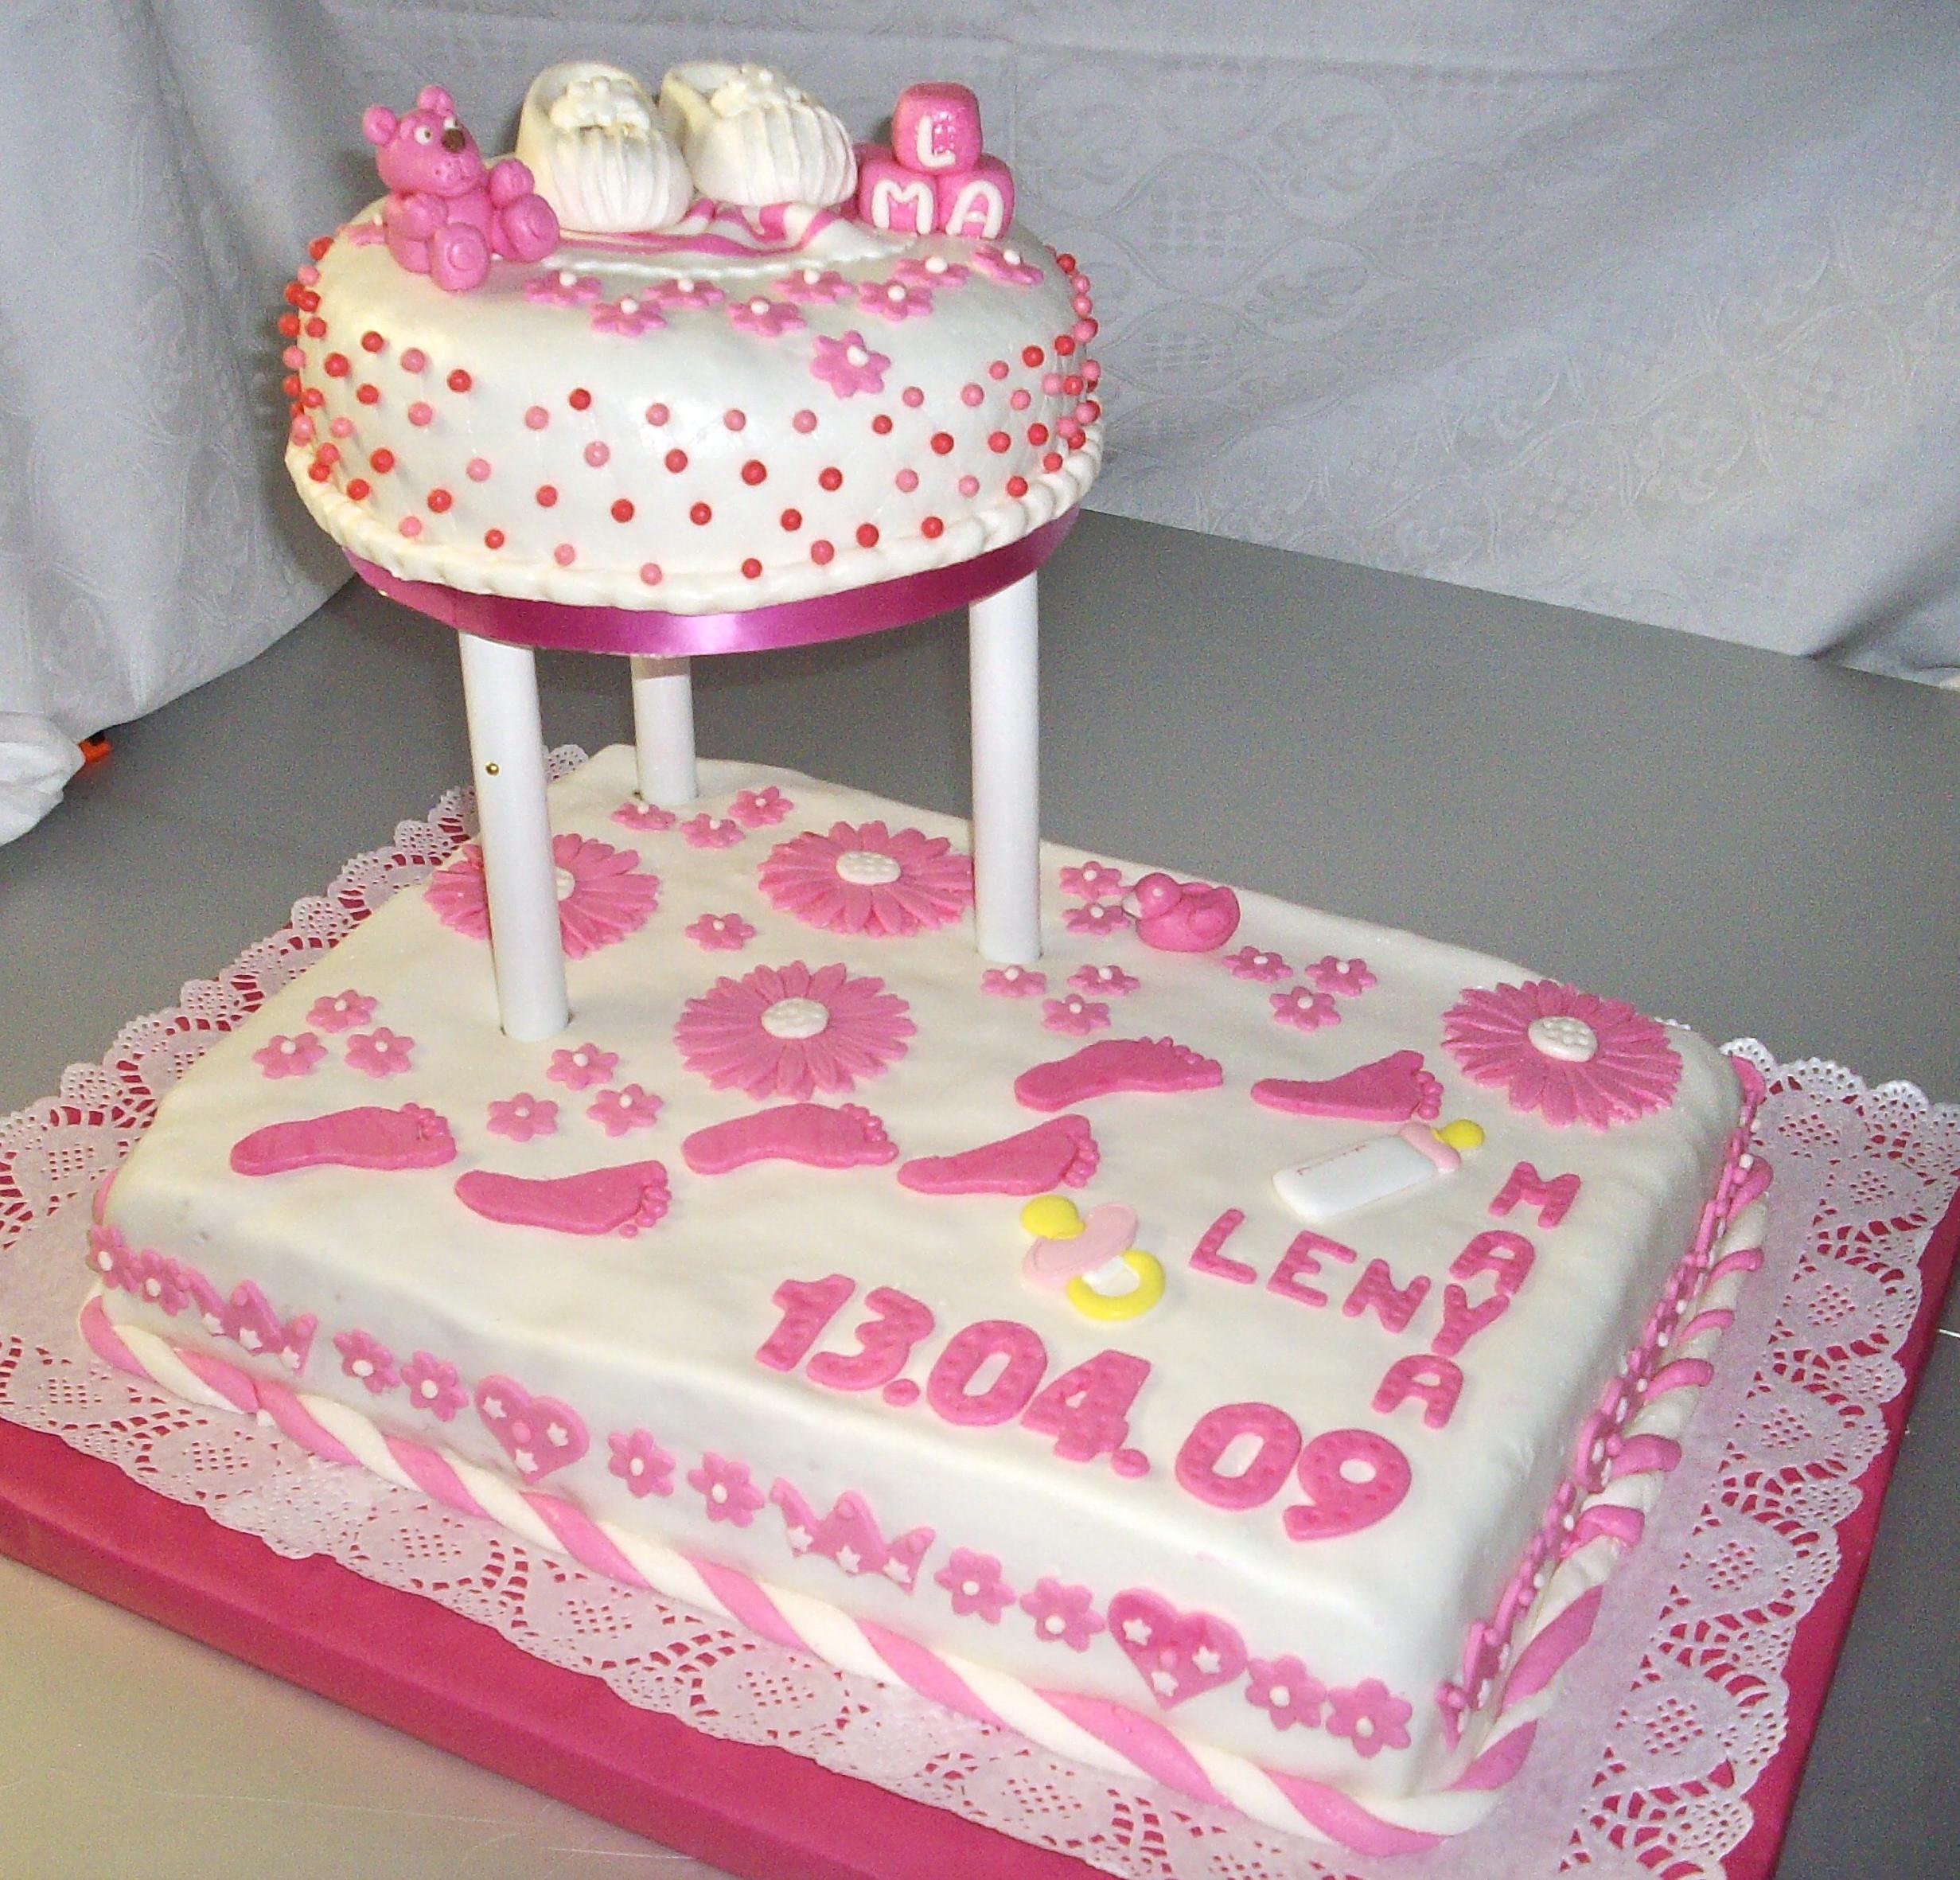 Mädchen Geburtstagstorte  Mädchen